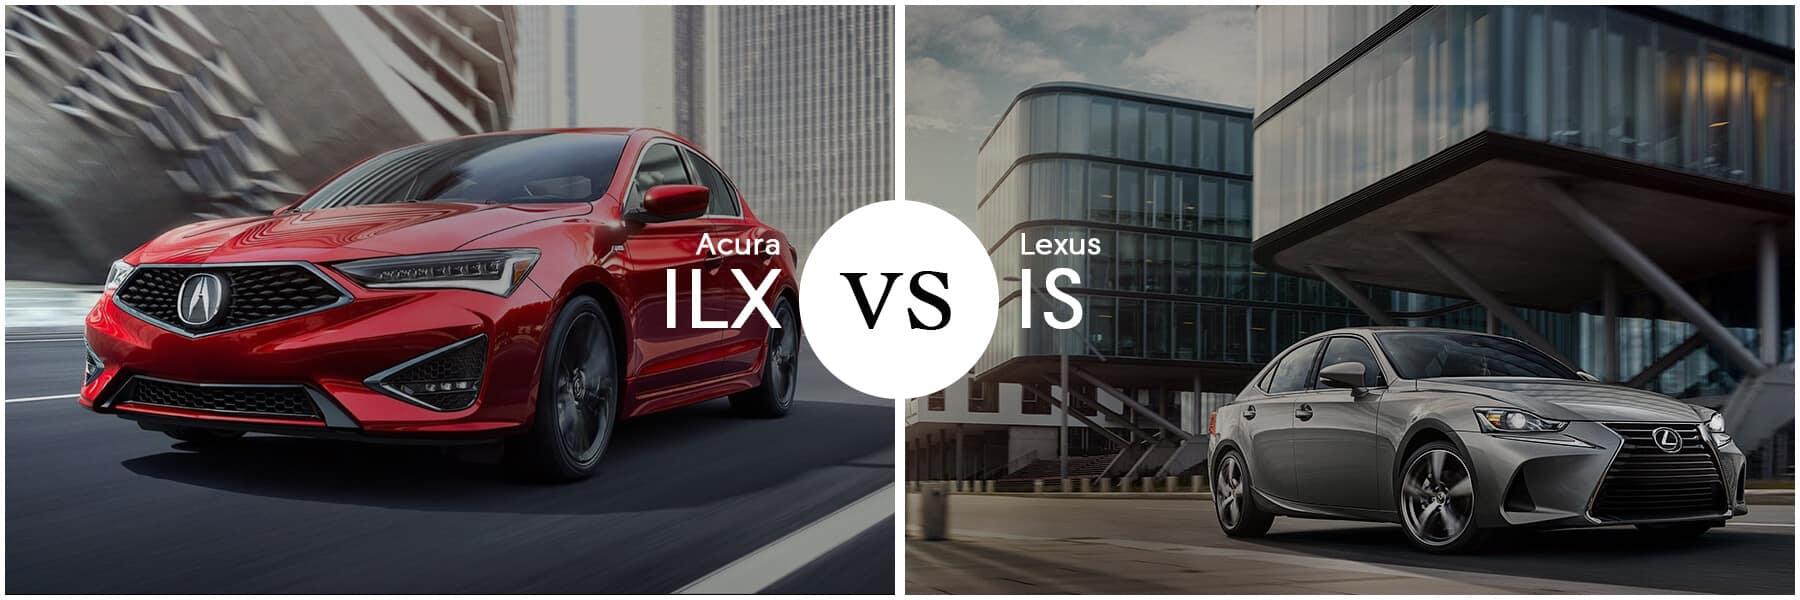 Acura ILX Versus Lexus IS 300 Slider